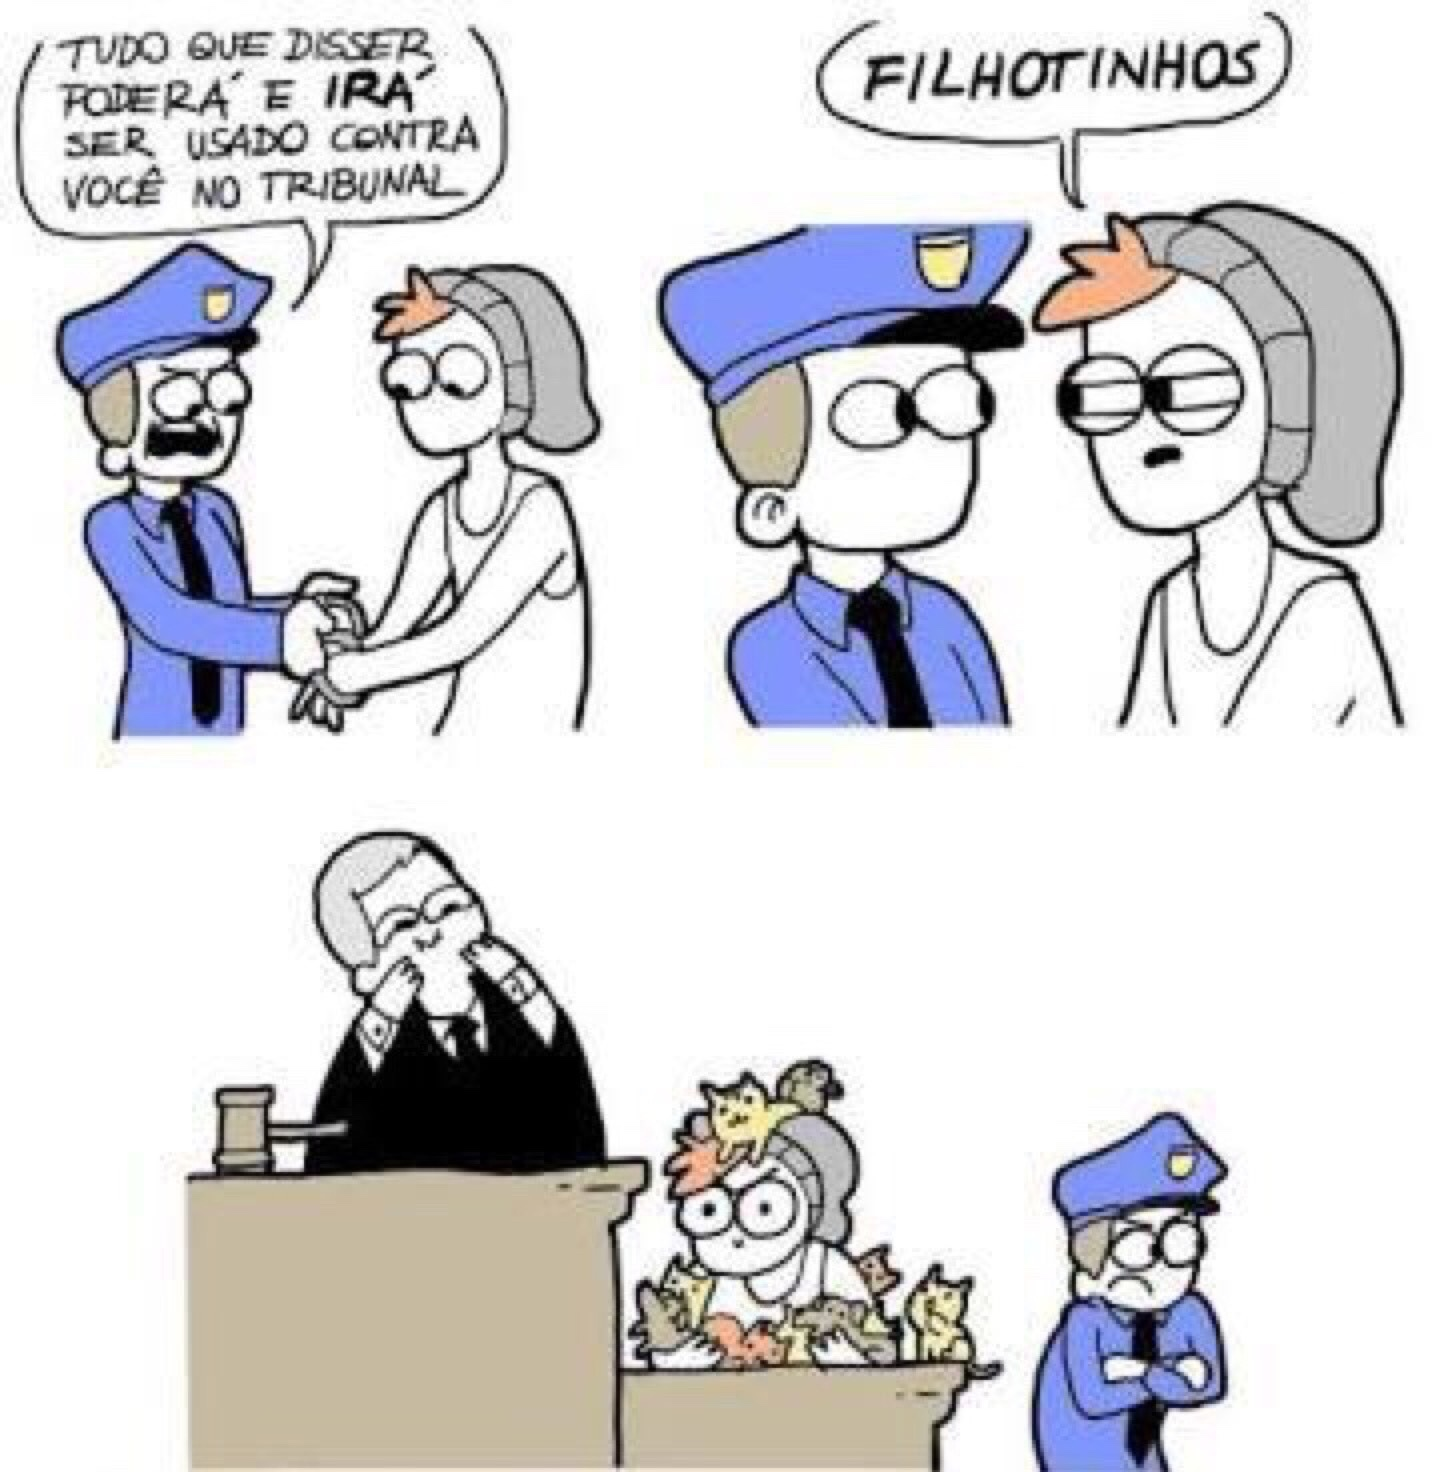 FILHOTINHOS - meme